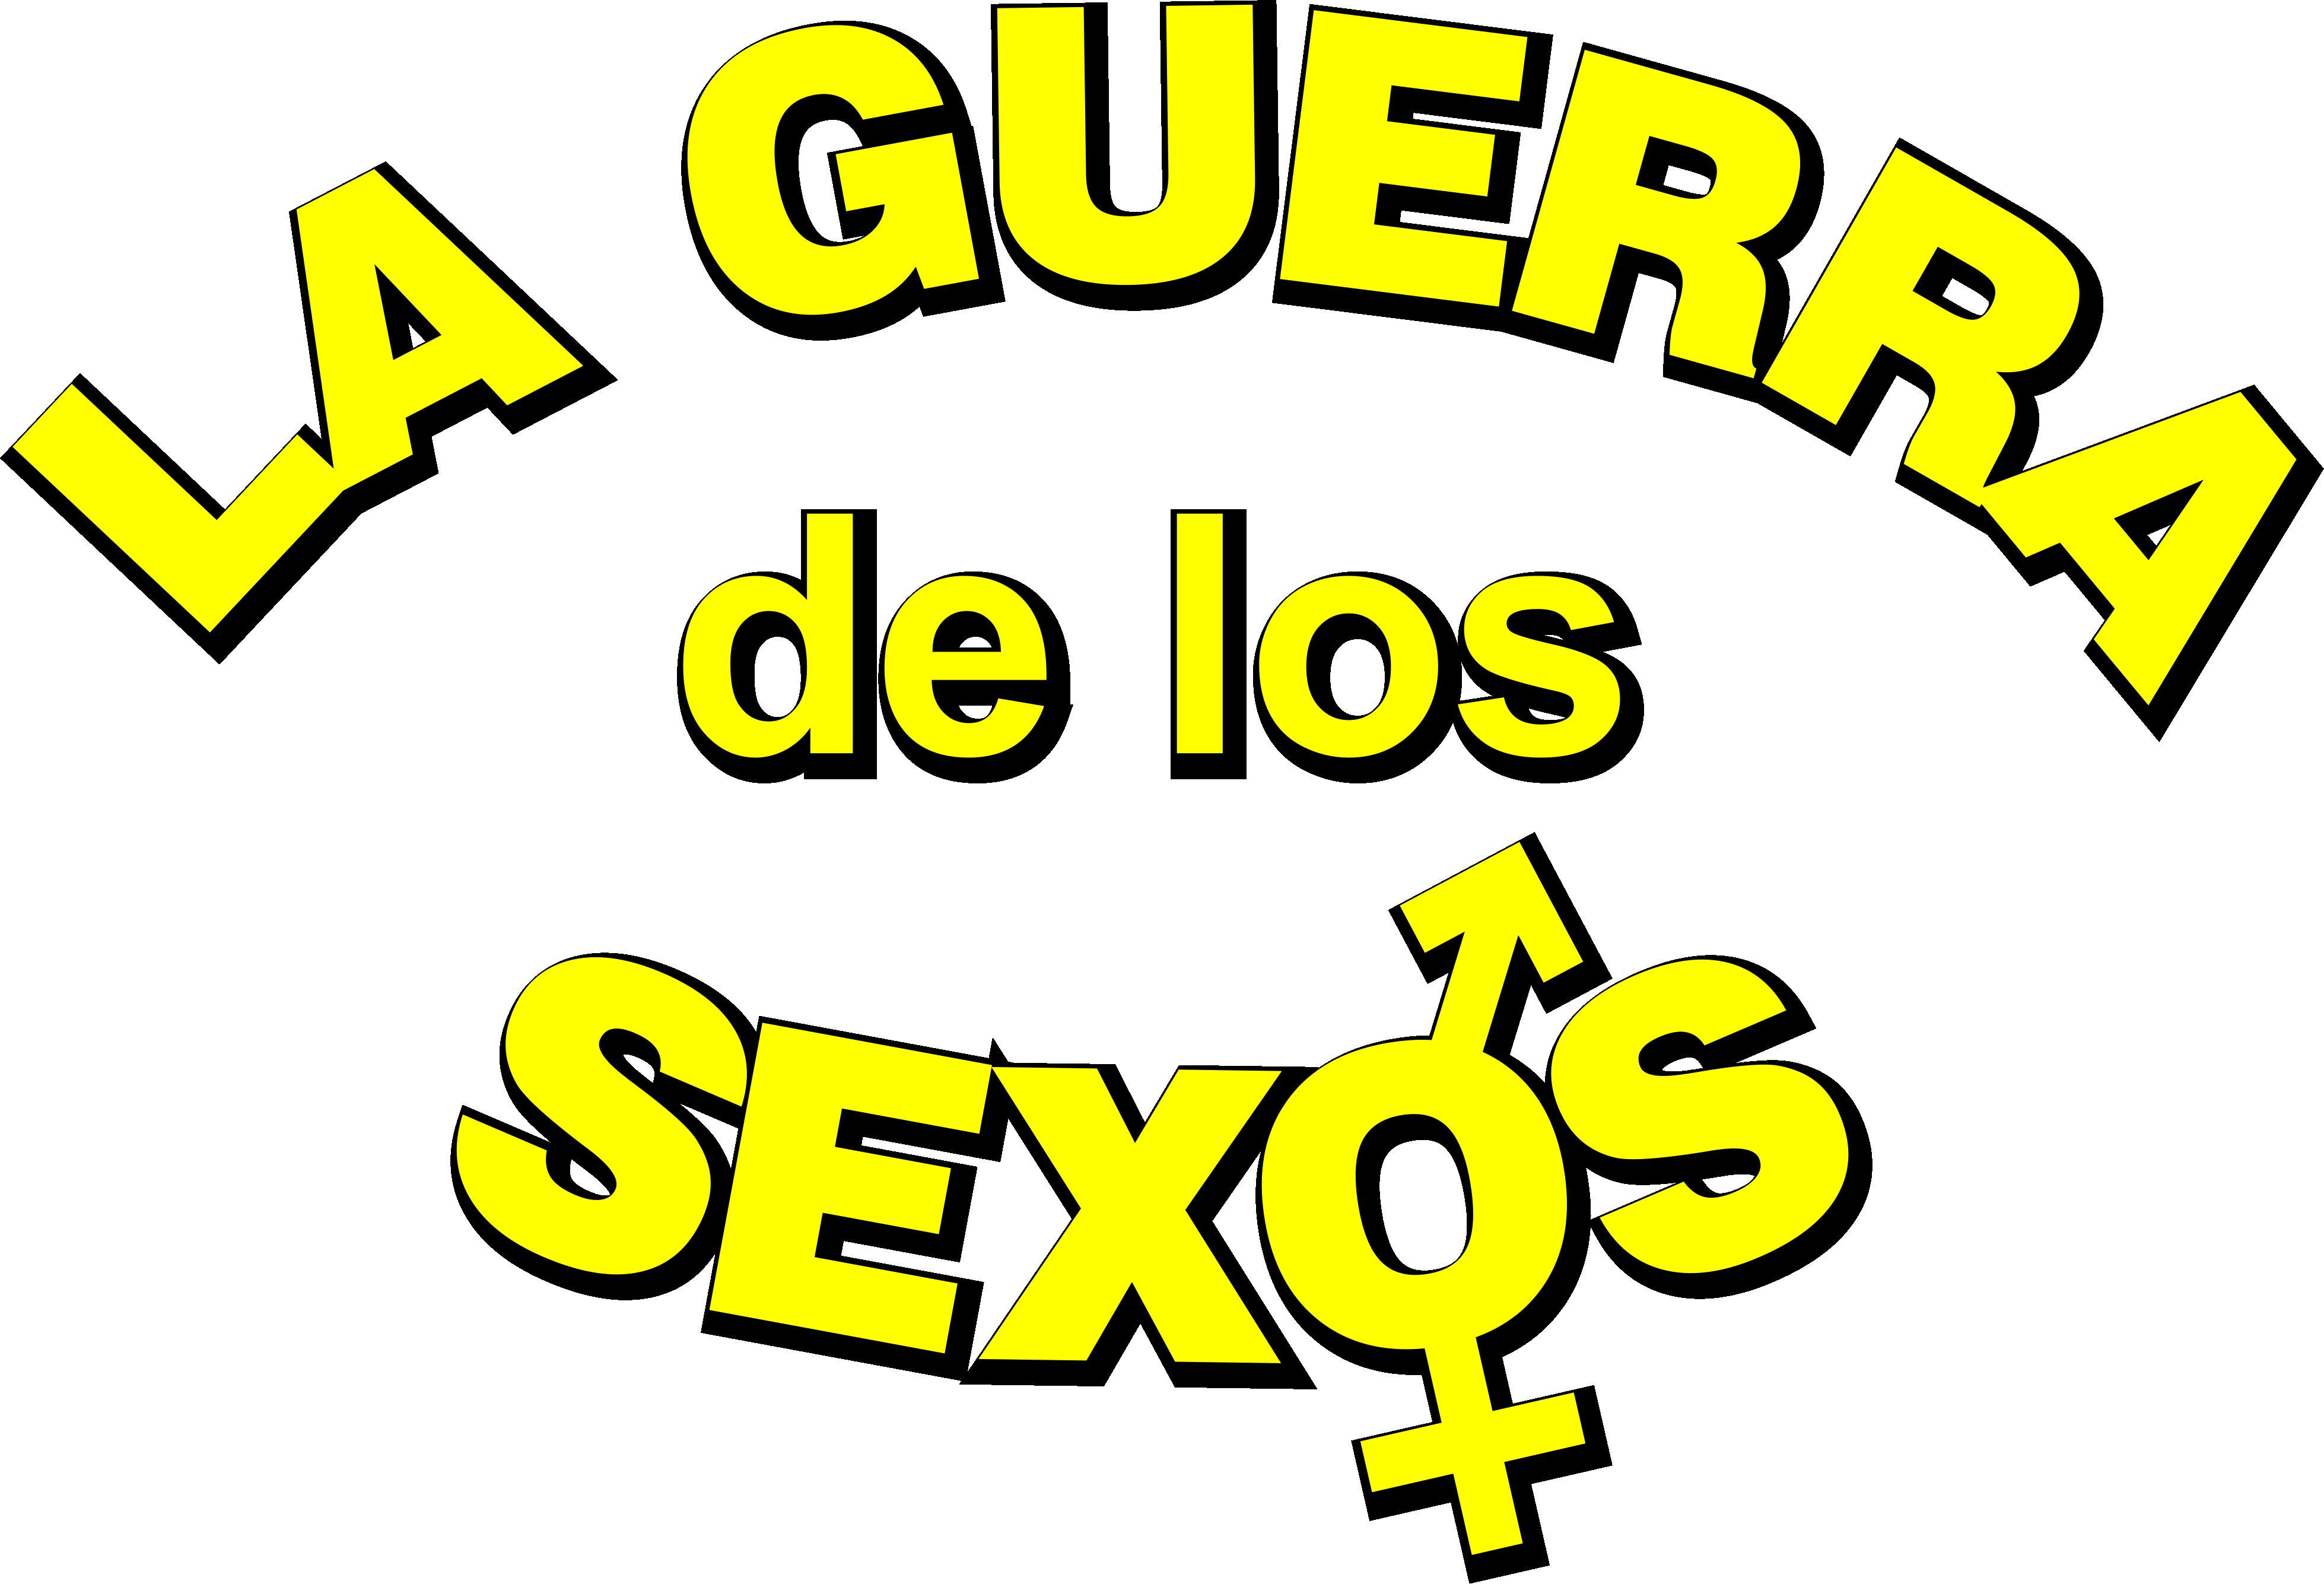 La Guerra de los Sexos